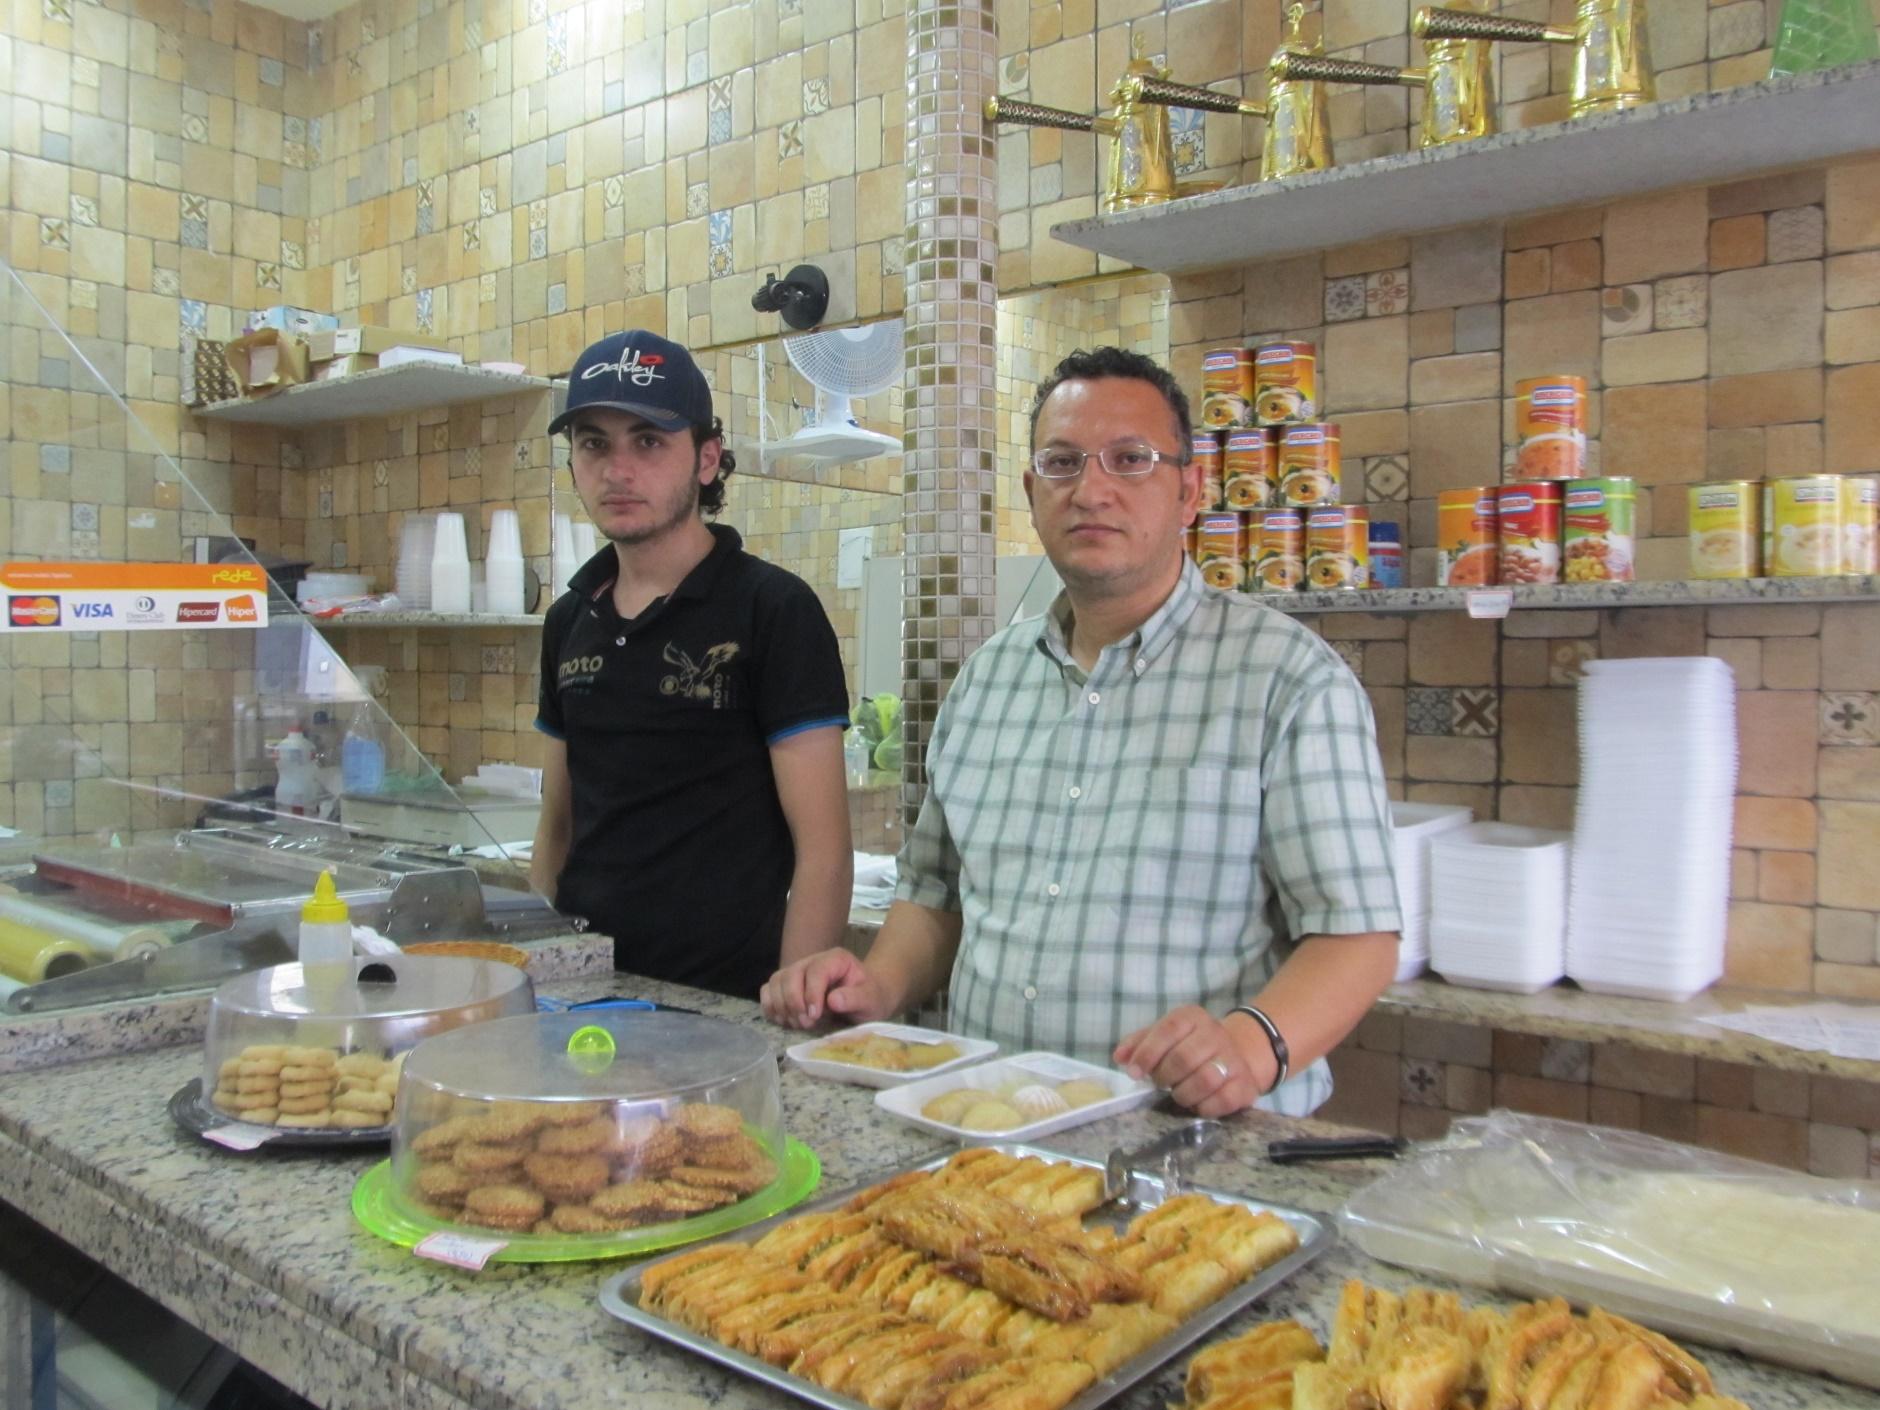 Saleem Zafary é um sírio refugiado que, junto com amigos, criou uma doceria que faz sucesso no bairro de Pinheiros, a Damascus, com doces baratos ( a partir de R$2 ) e café no estilo turco.